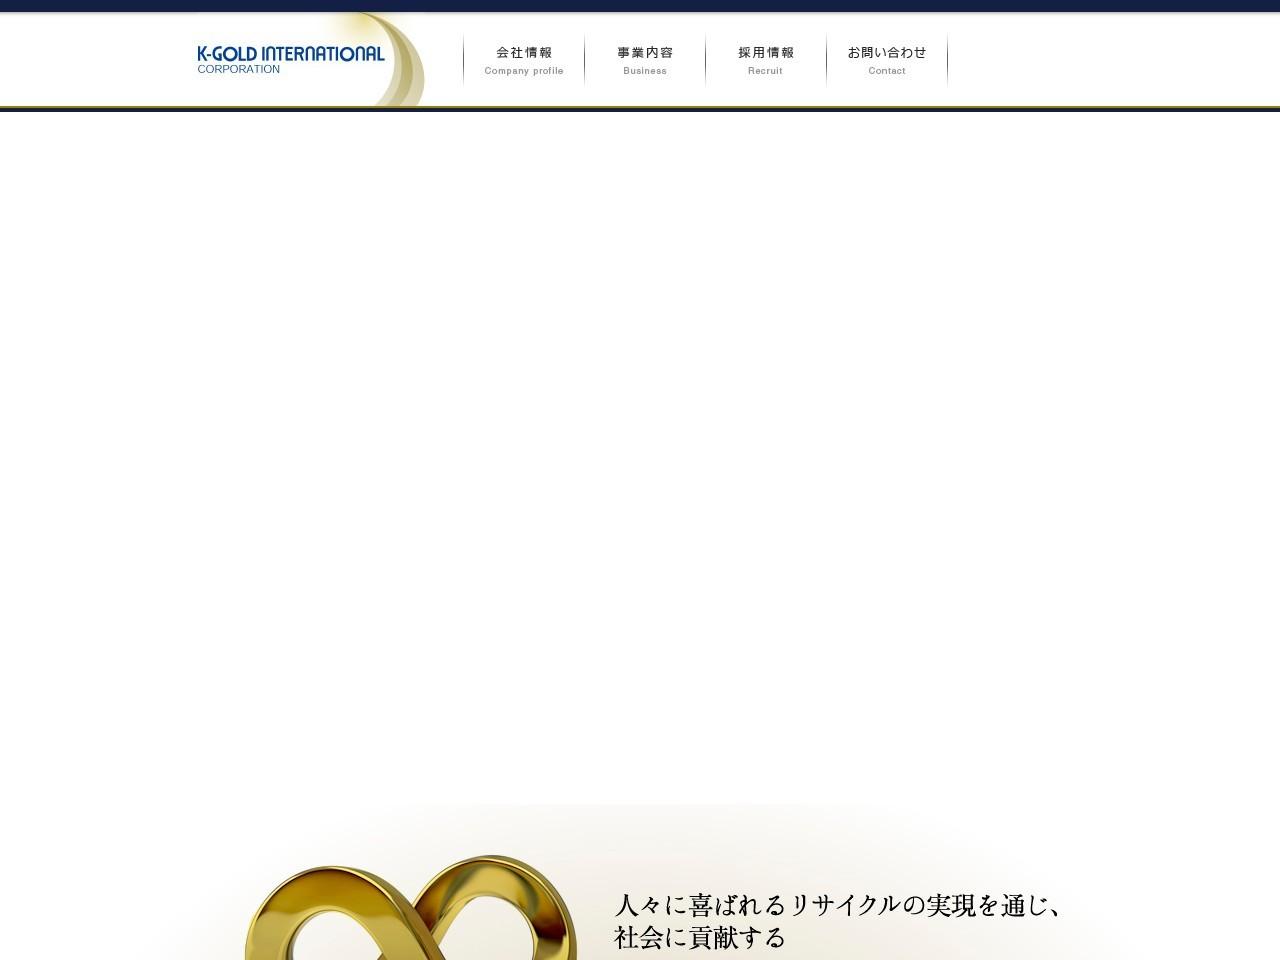 貴金属のリサイクルは株式会社K-GOLDインターナショナル